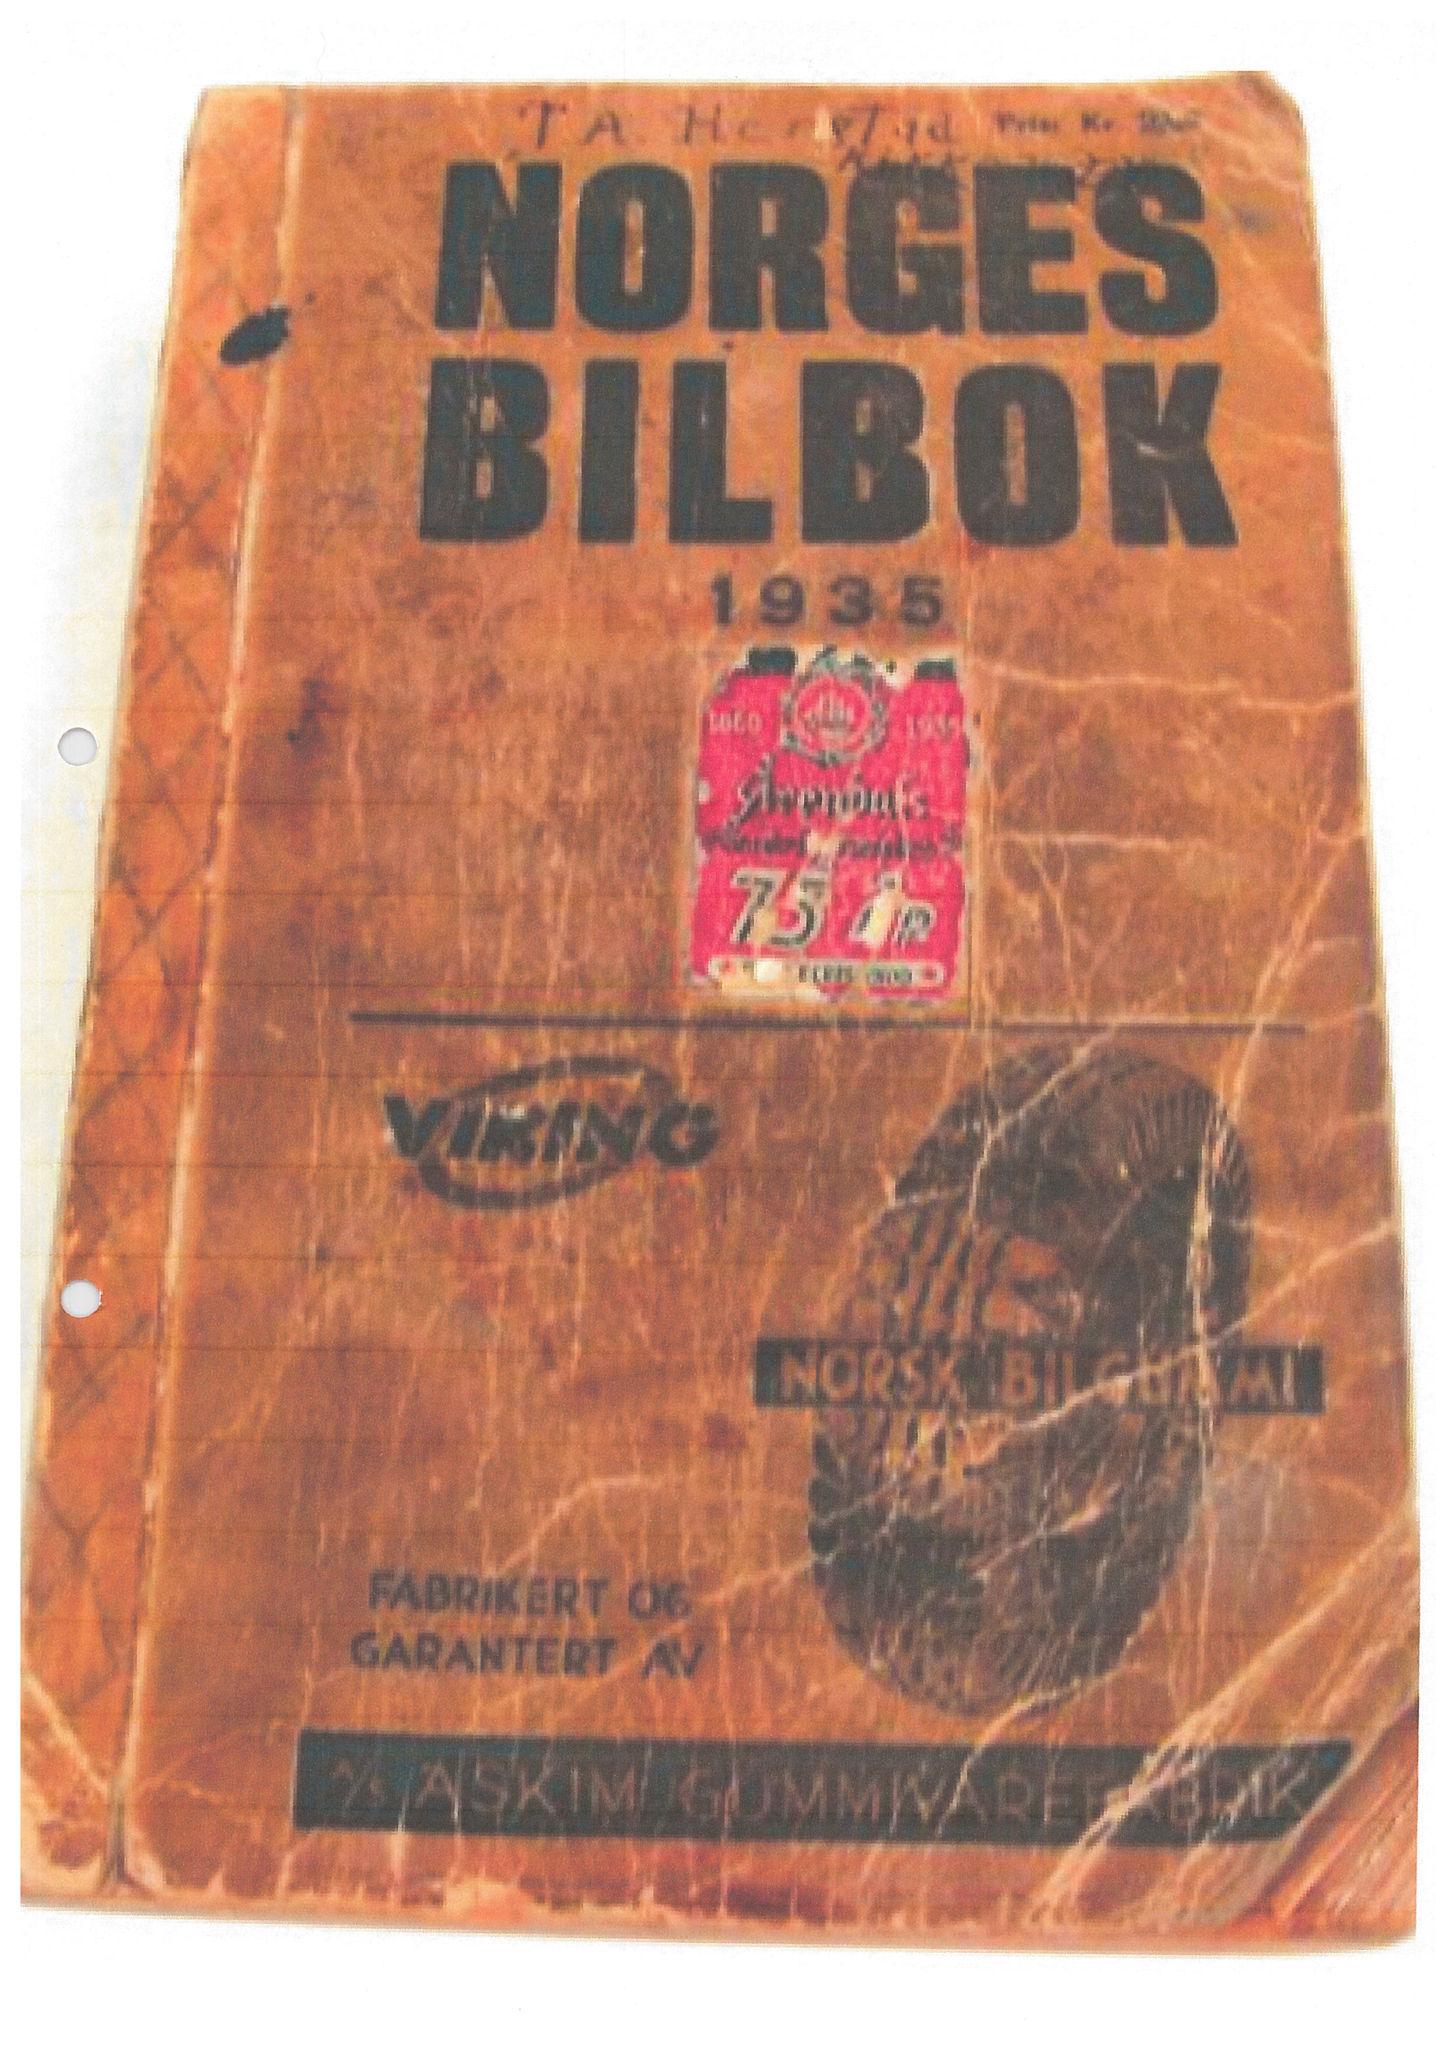 PUBL, Andre publikasjoner, -/-: Norges bilbok 1935, 1935